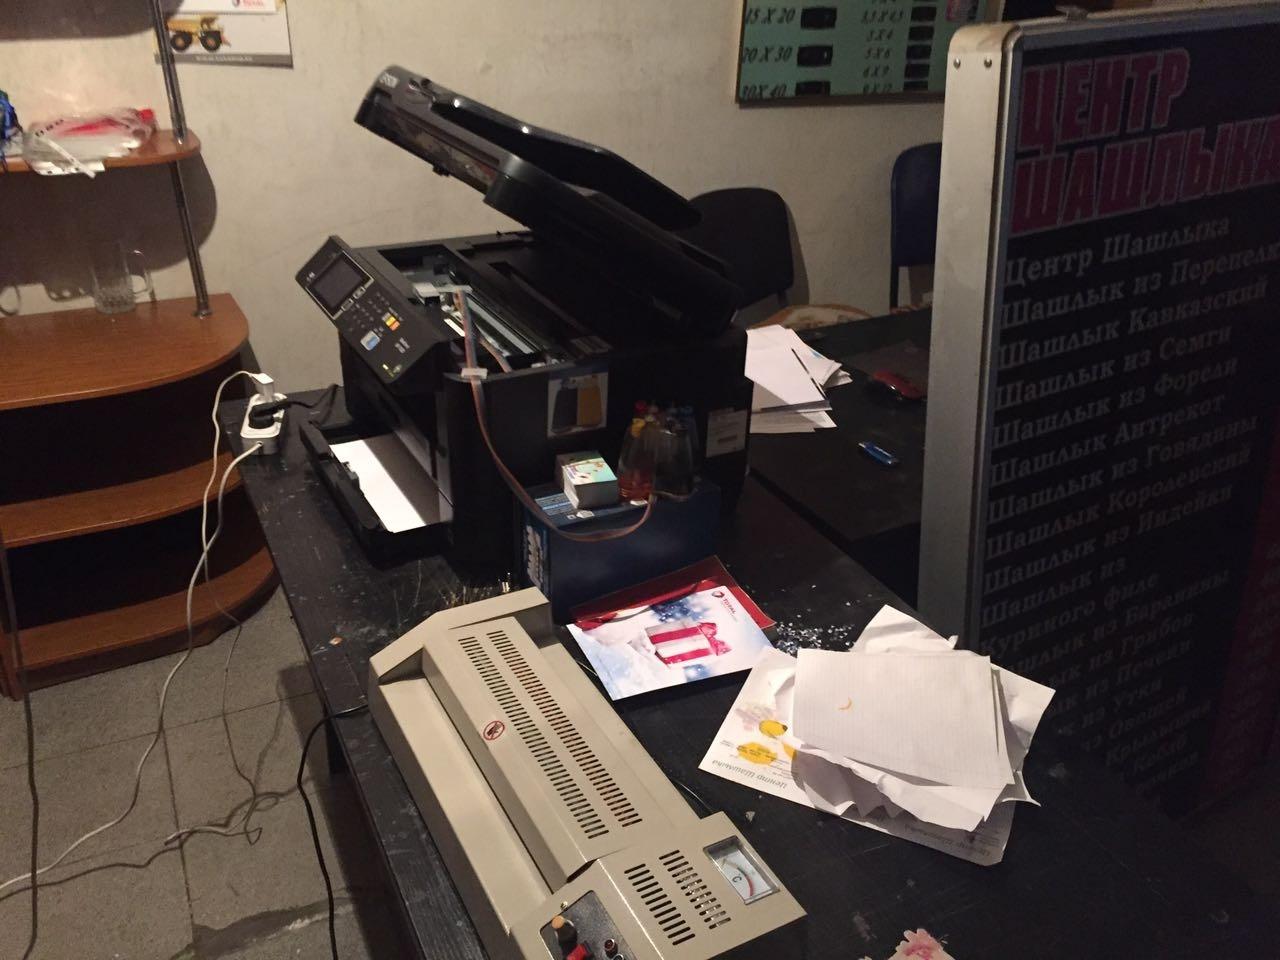 Принтер на котором распечатывали деньги